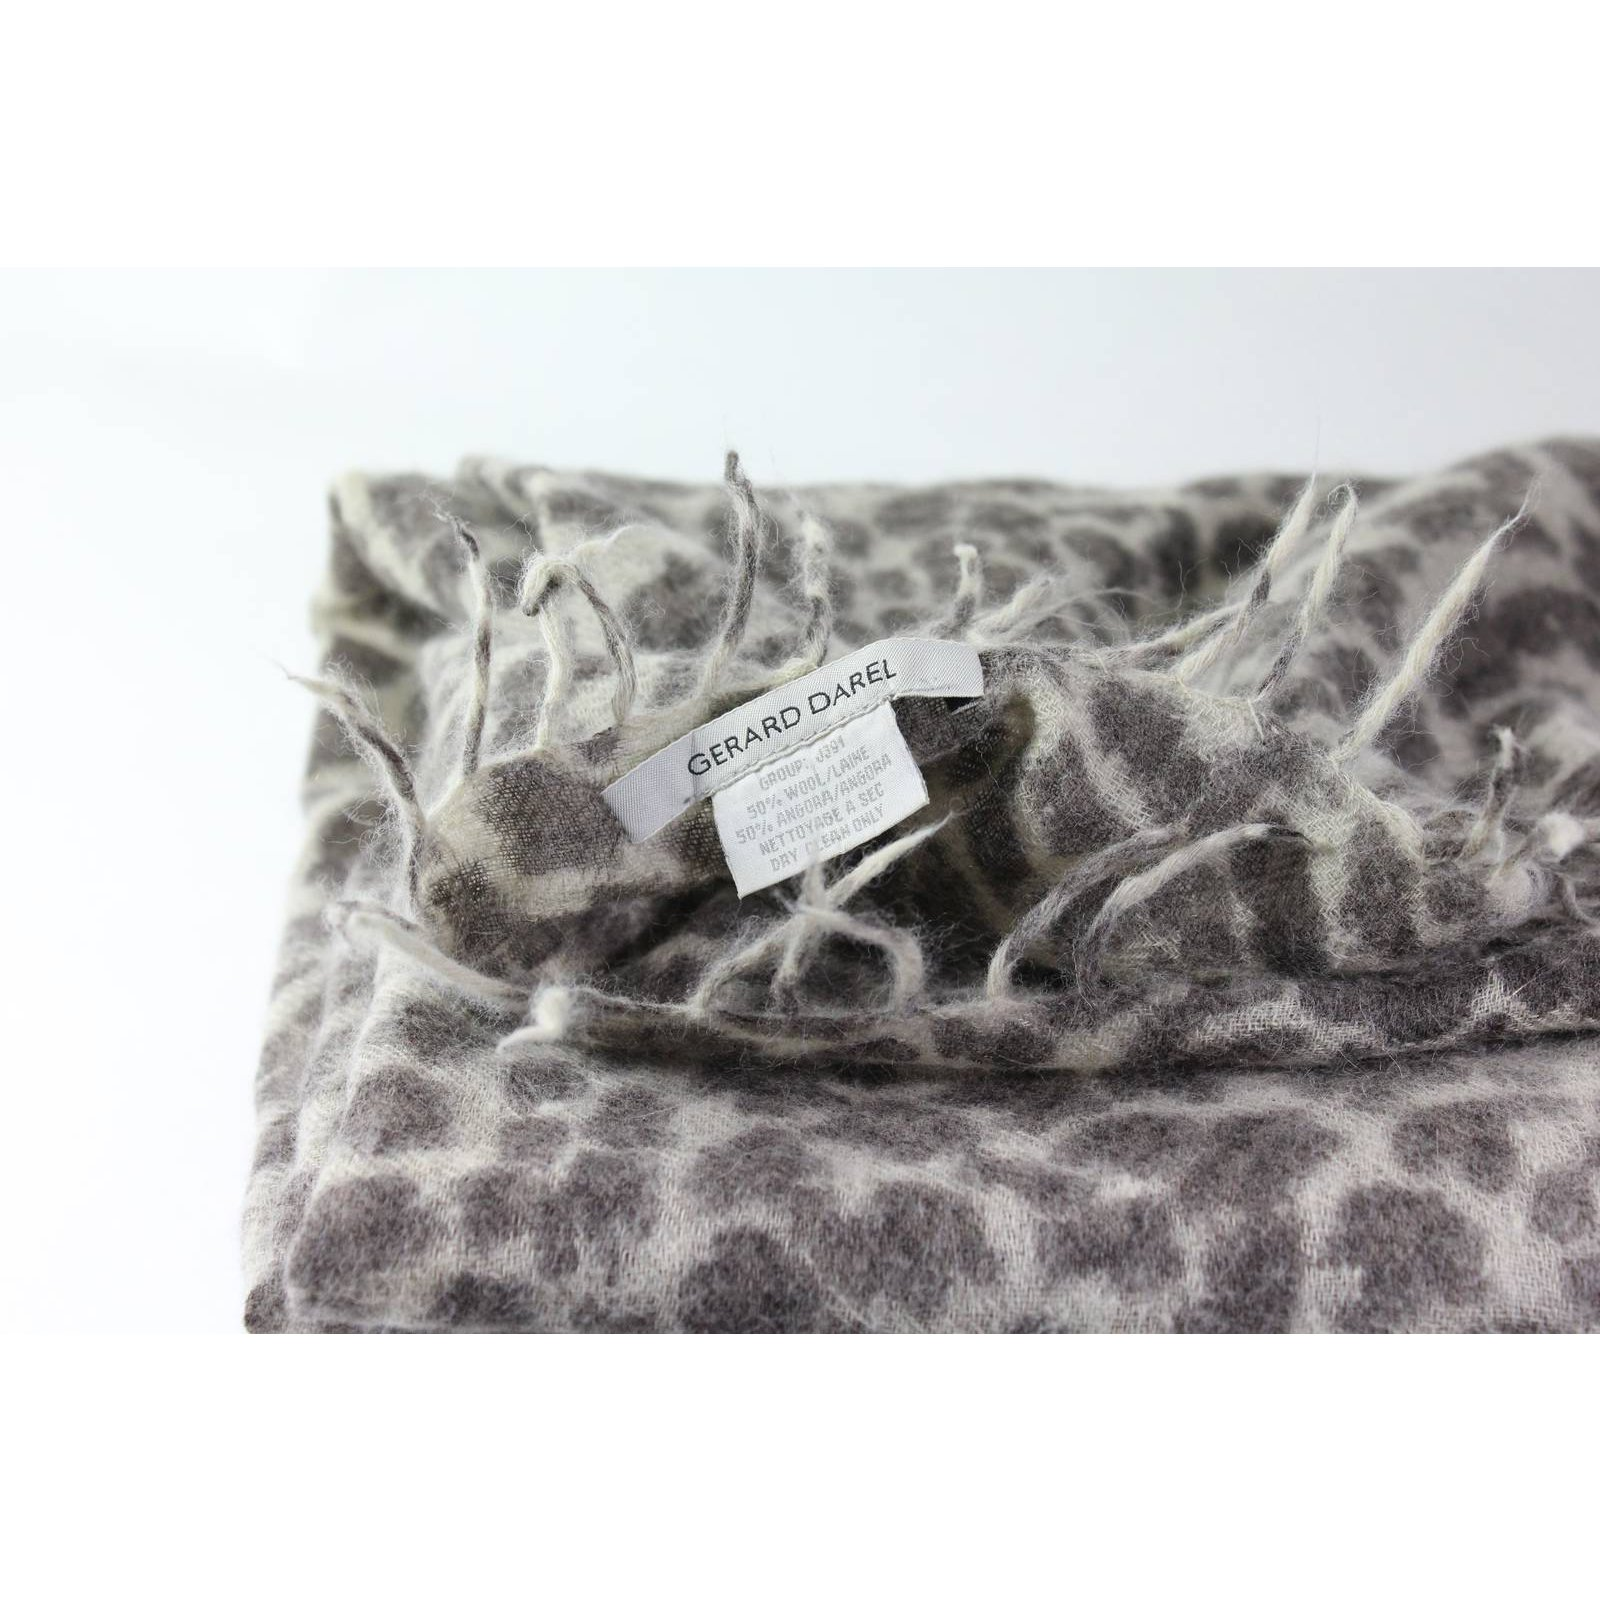 Foulards Gerard Darel Écharpe Laine Imprimé léopard ref.5992 - Joli Closet 1a23c0d8e84